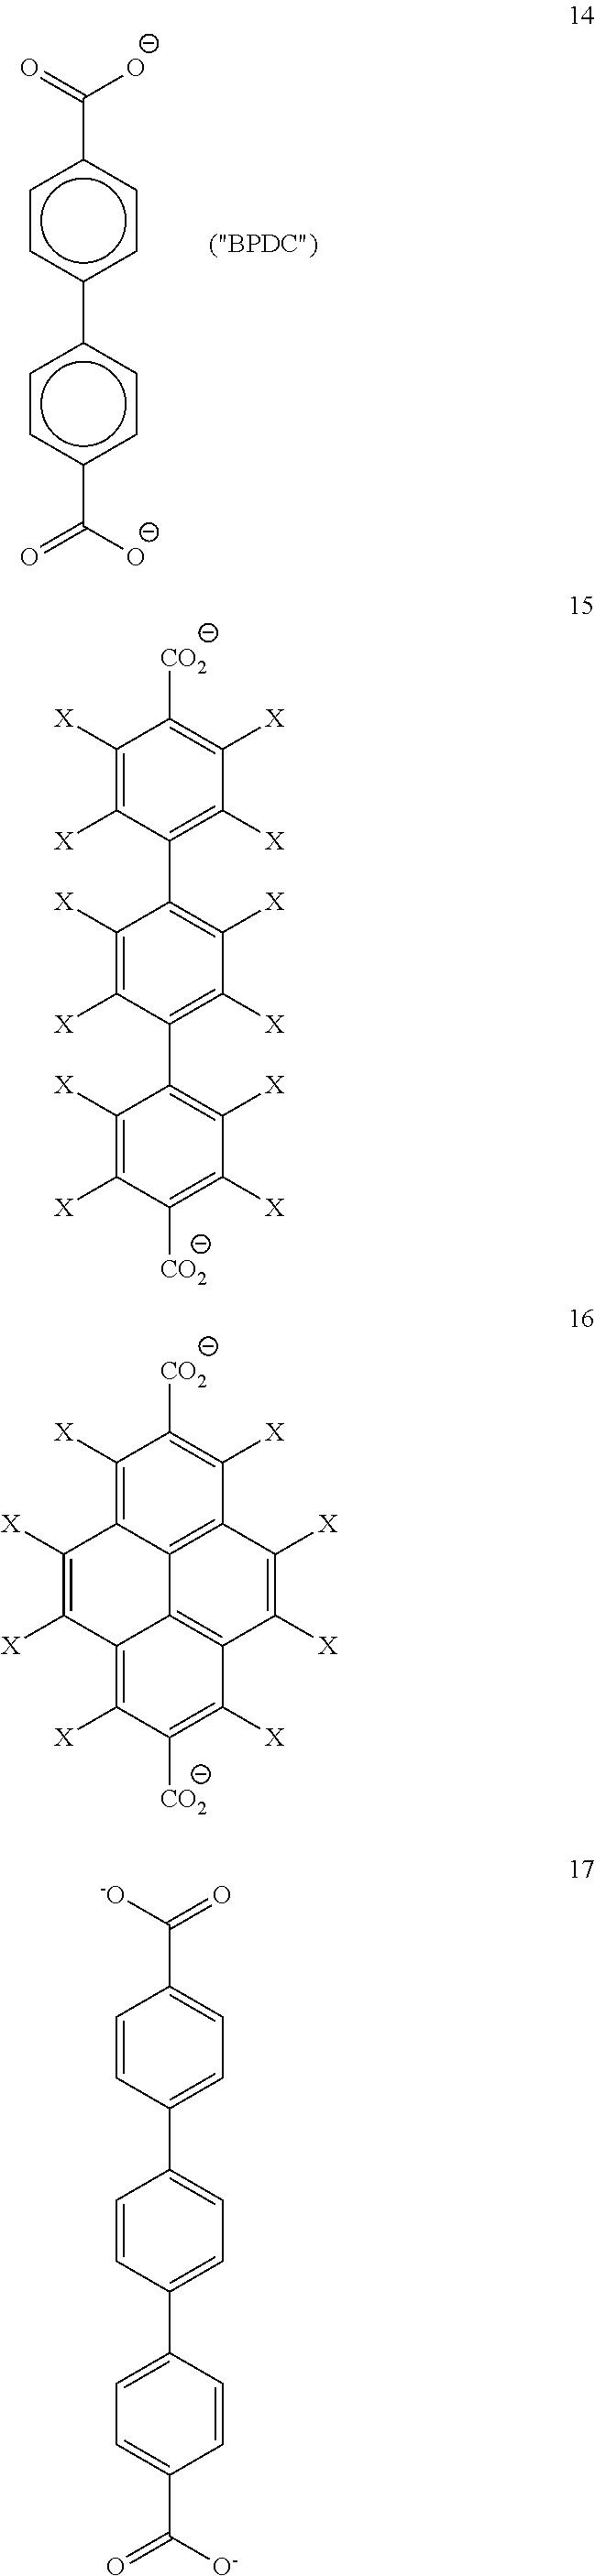 Figure US09630163-20170425-C00003